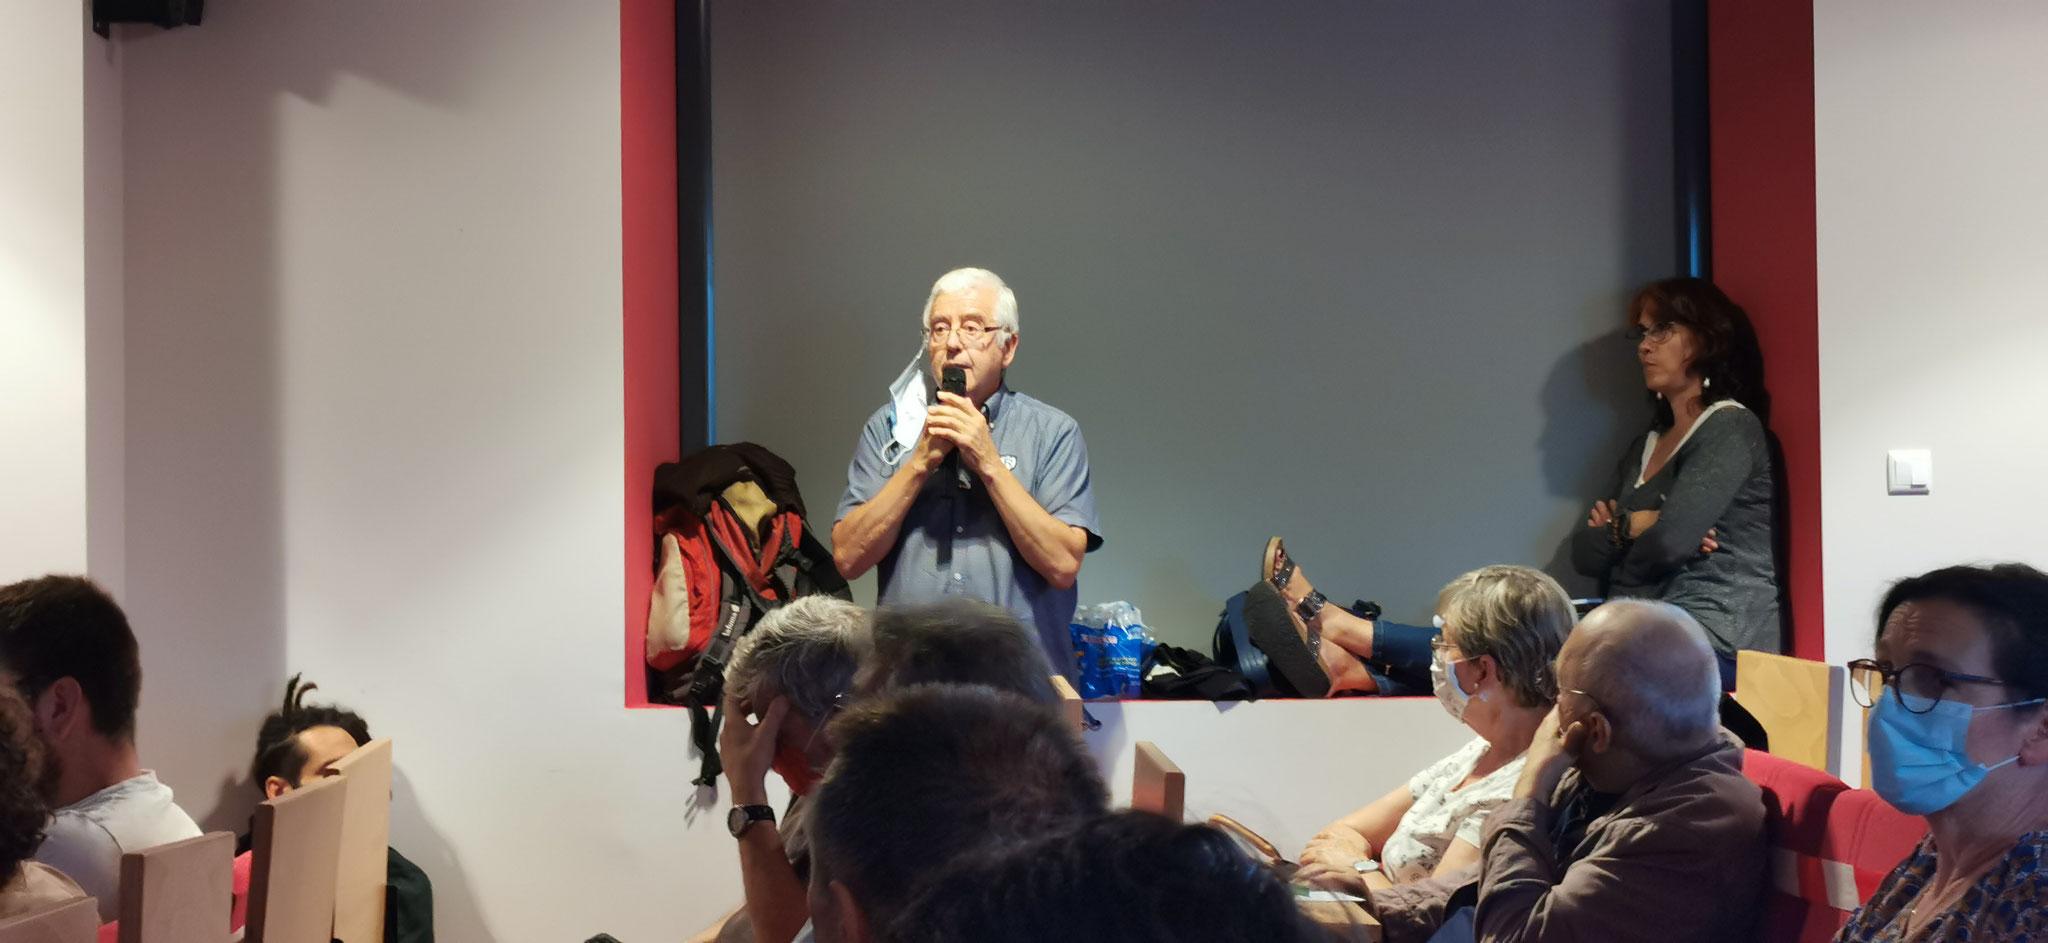 M. Castan - Président de COFOR 64